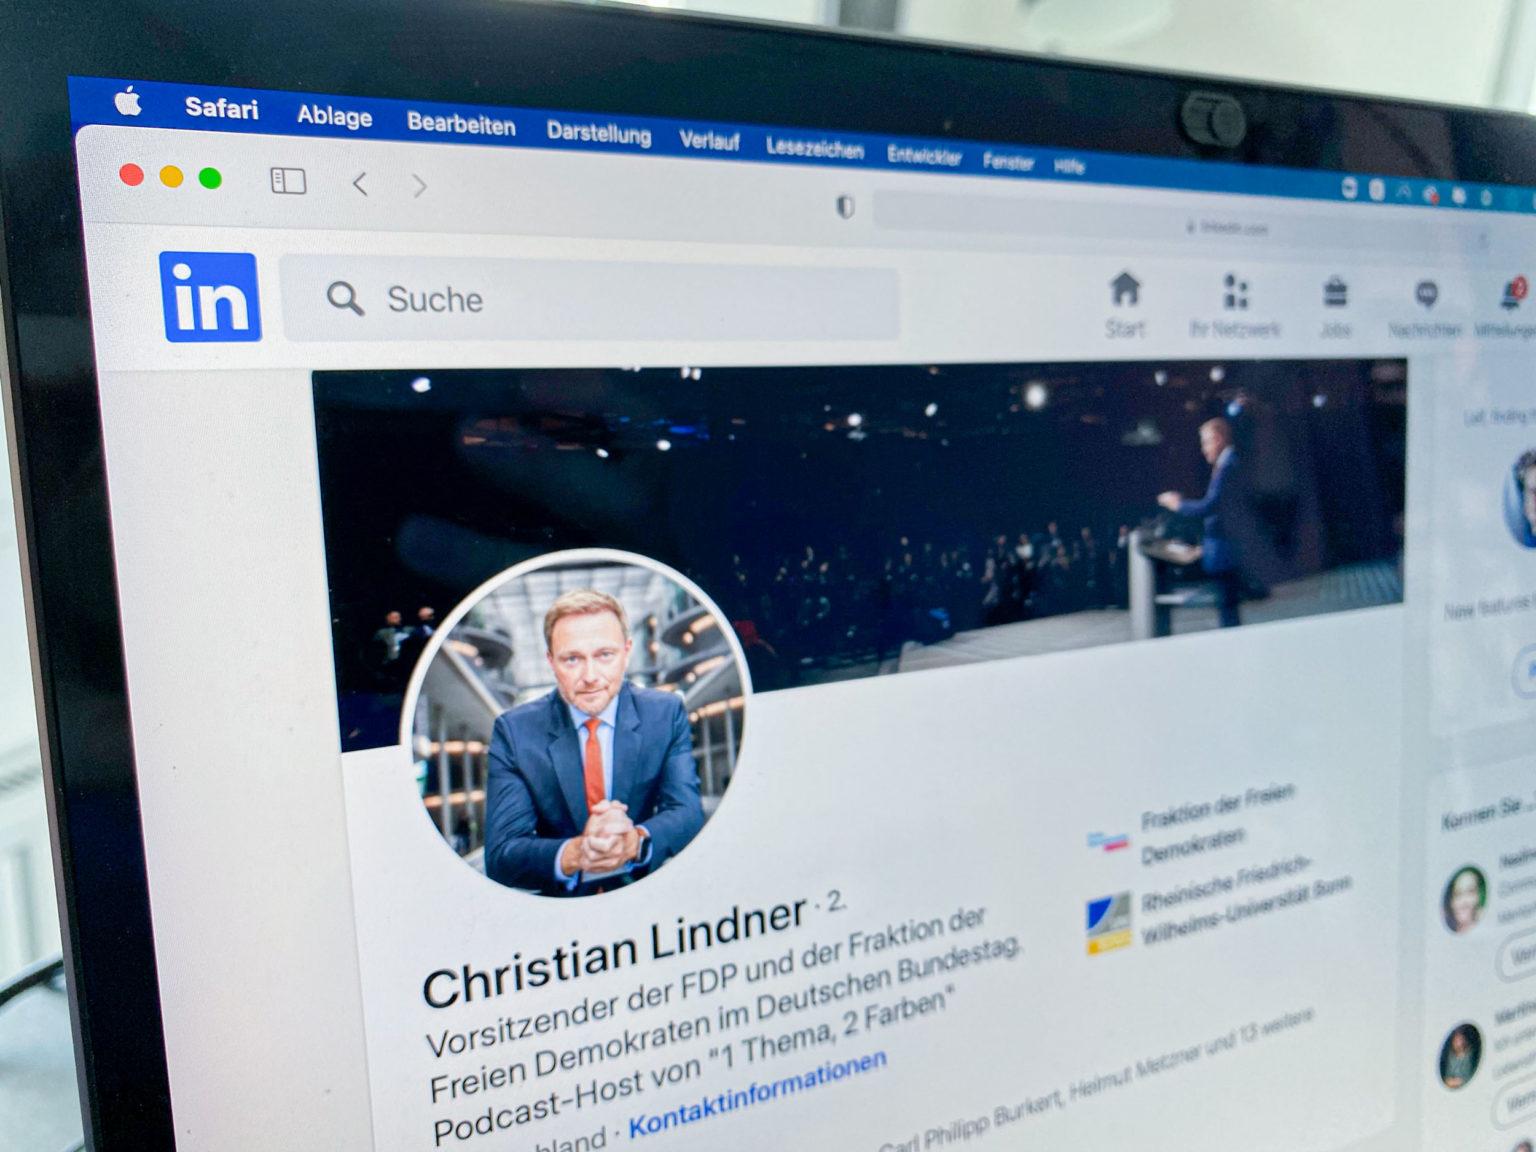 LinkedIn für Politiker